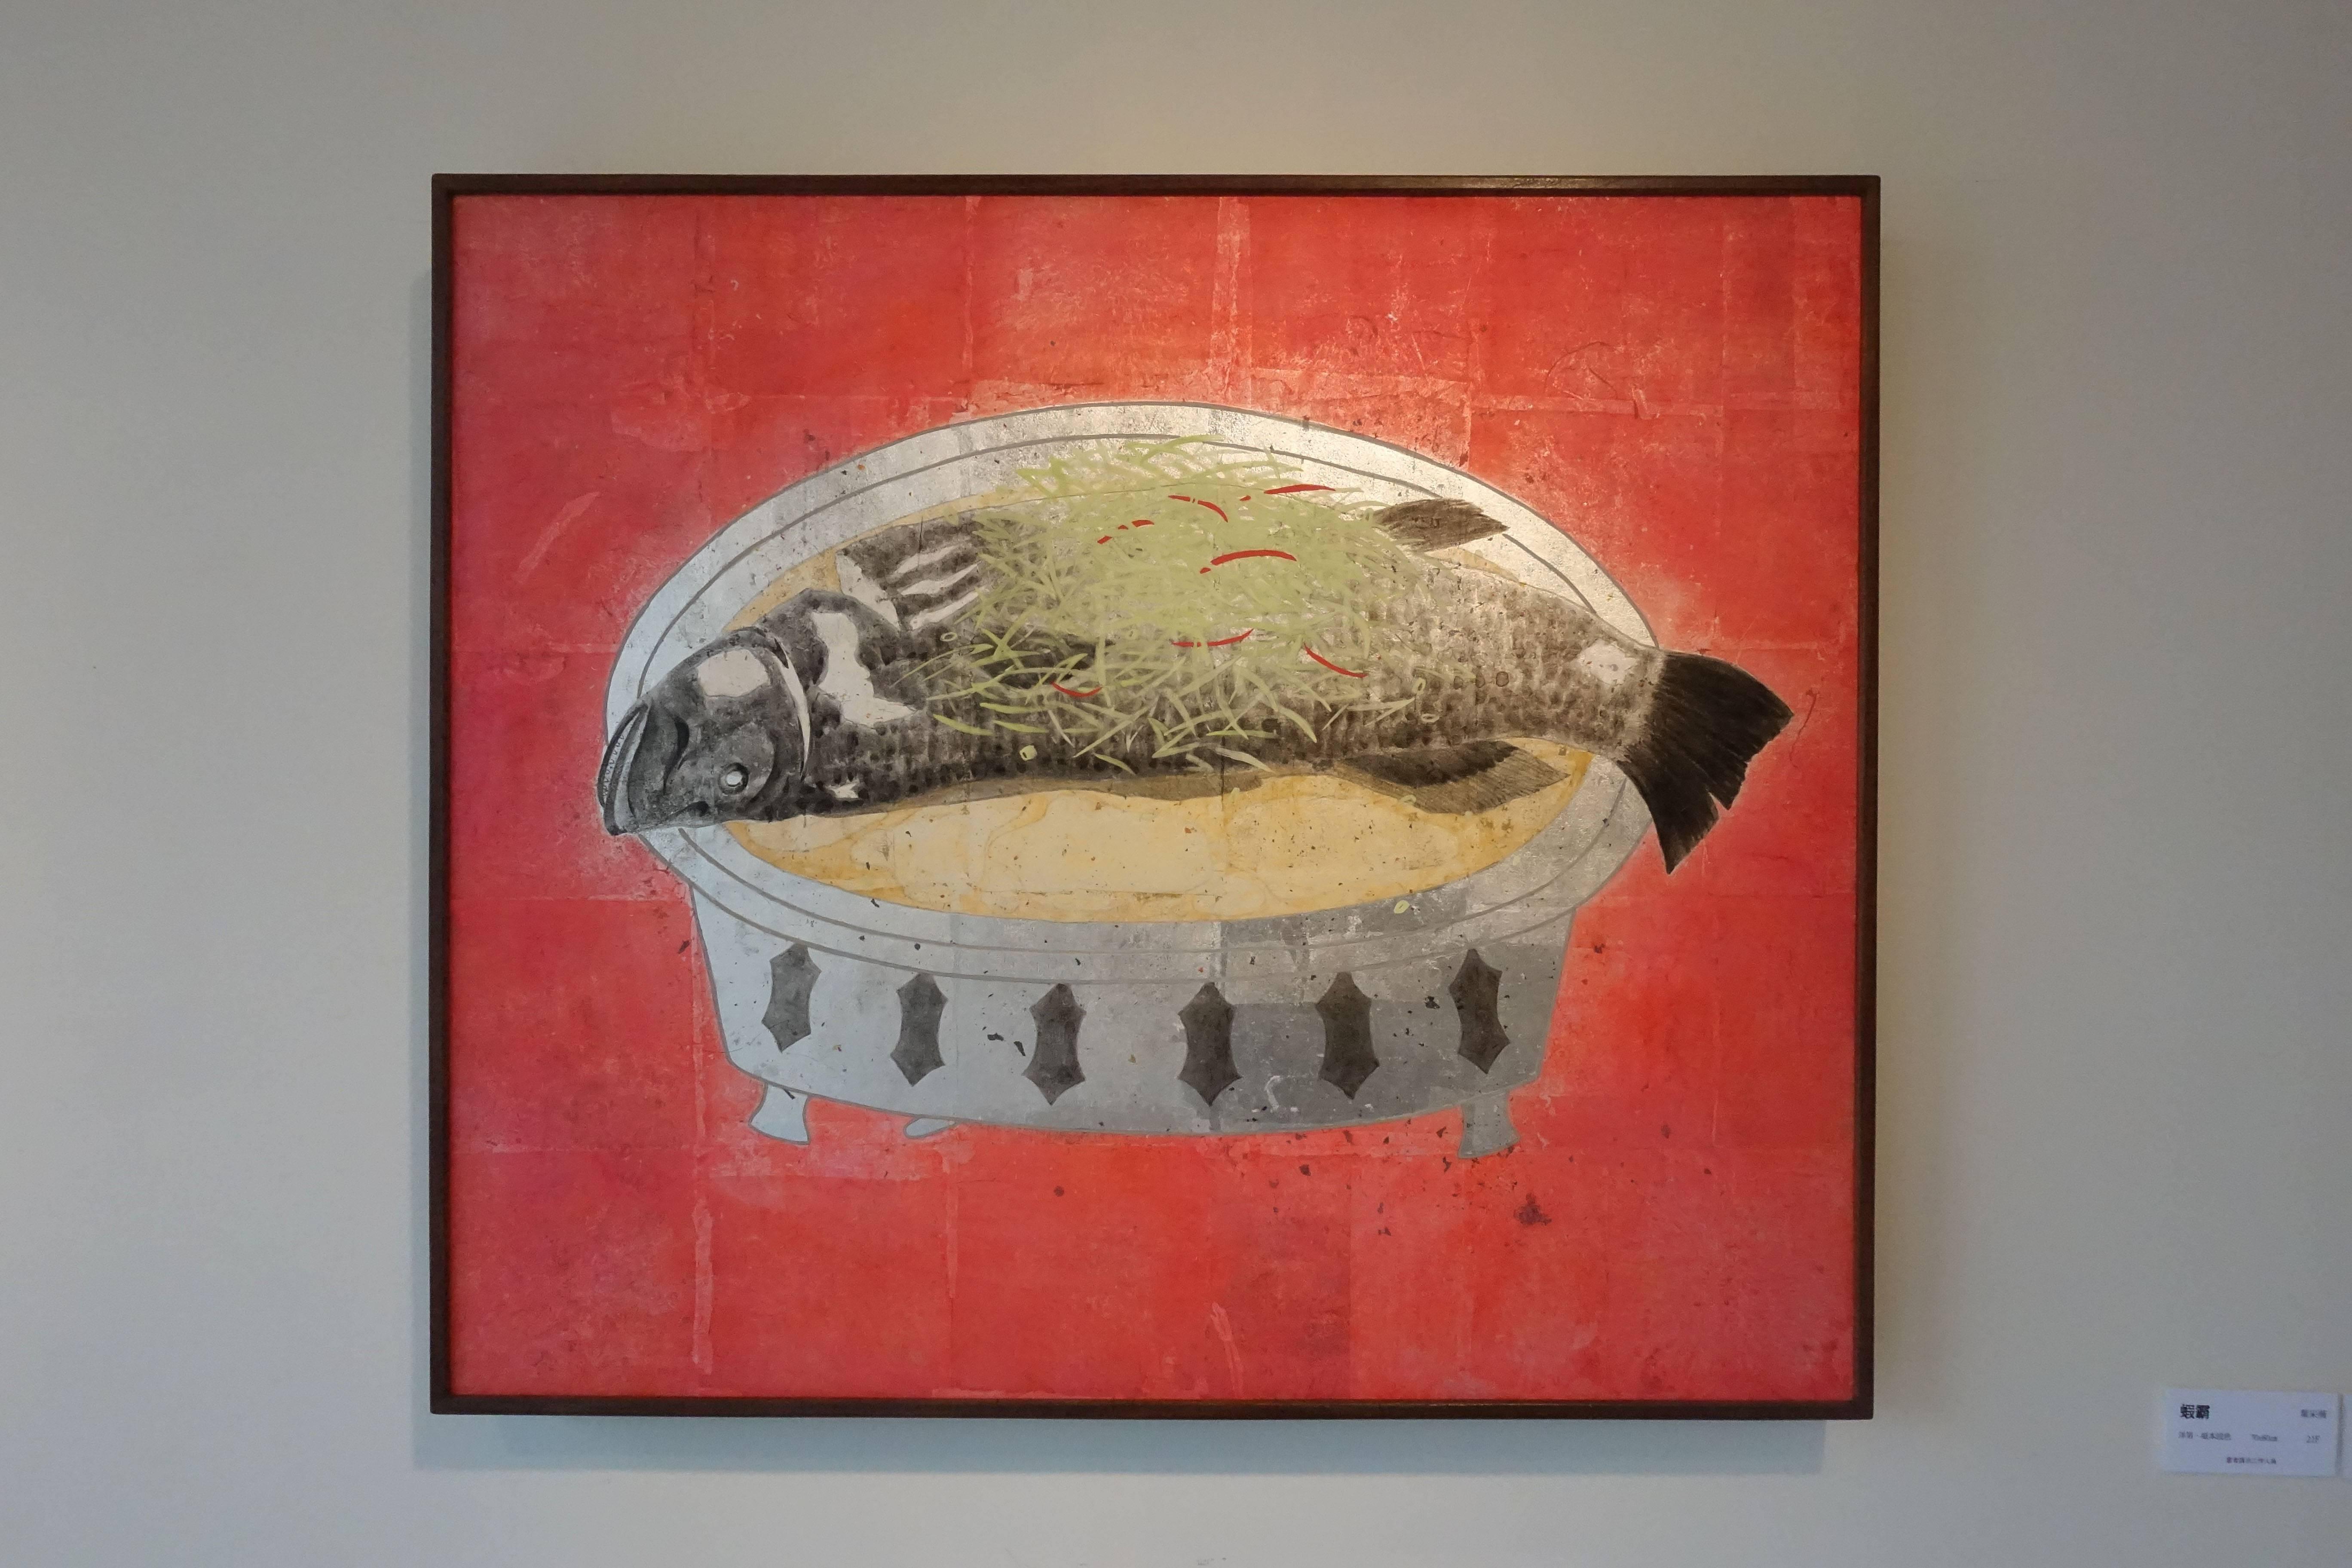 葉采薇,《魚眼睛》,2017,銀箔、紙本設色,60 x 70 cm。